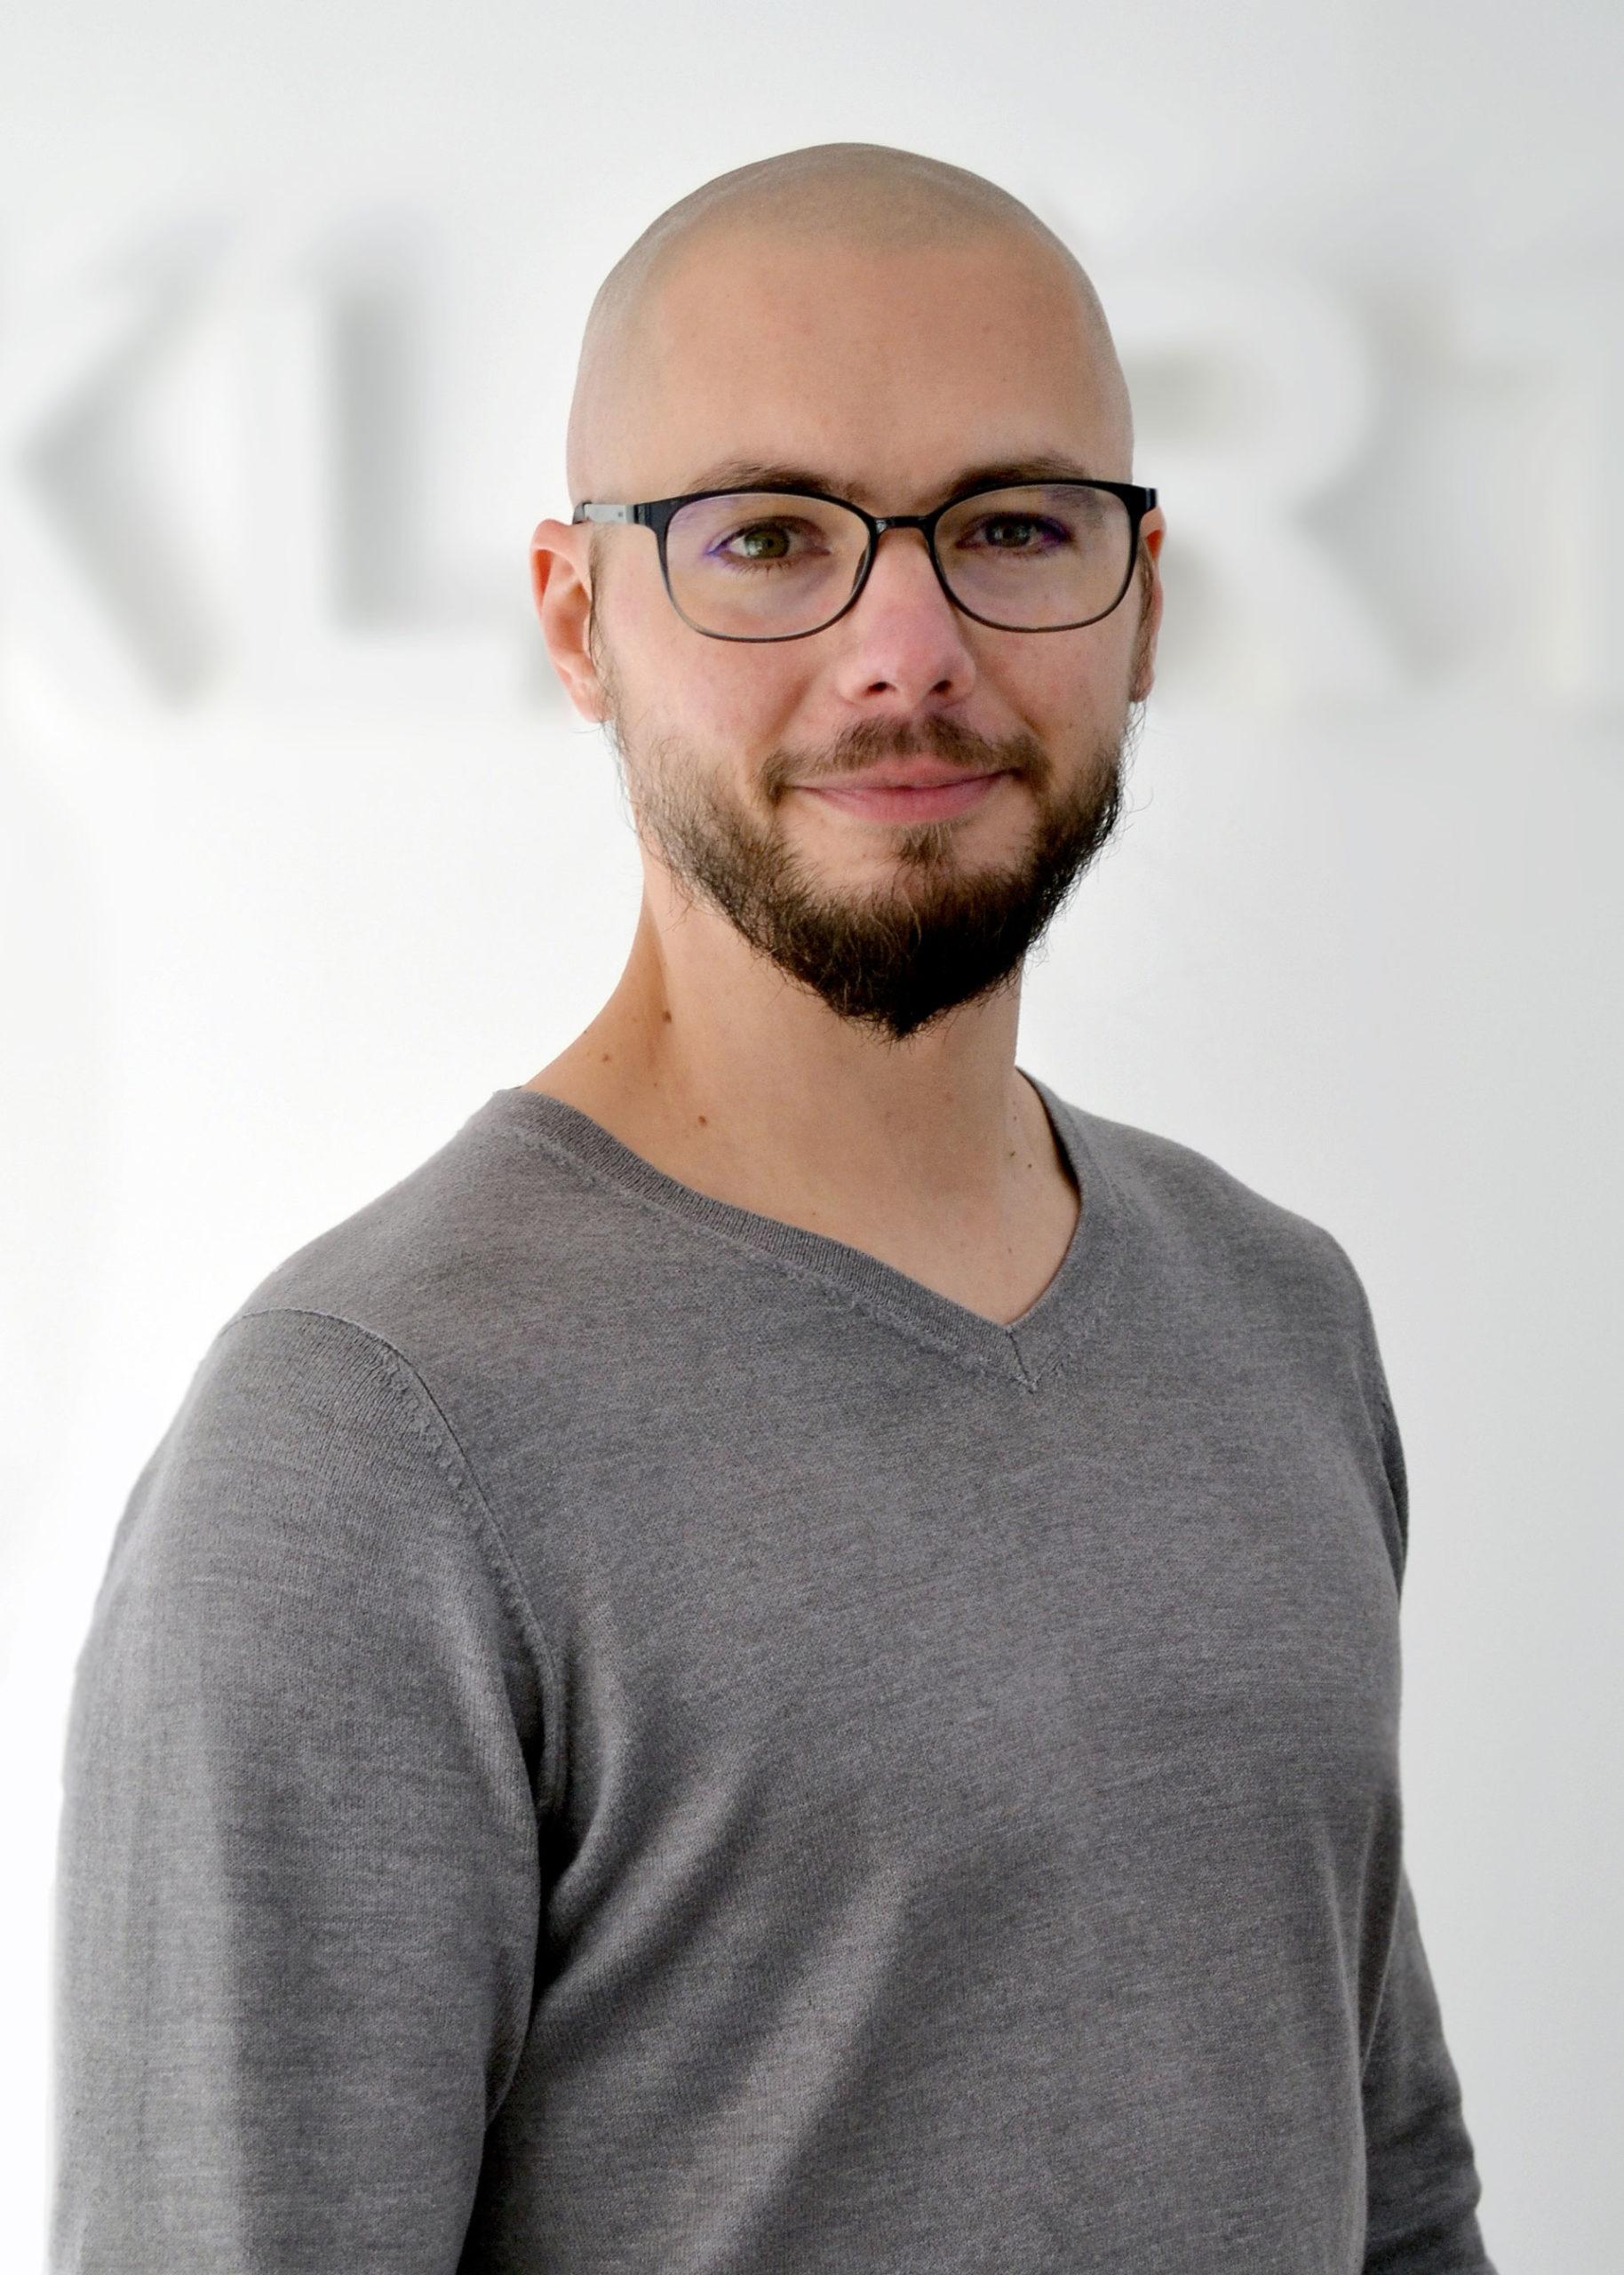 Christian Krauß